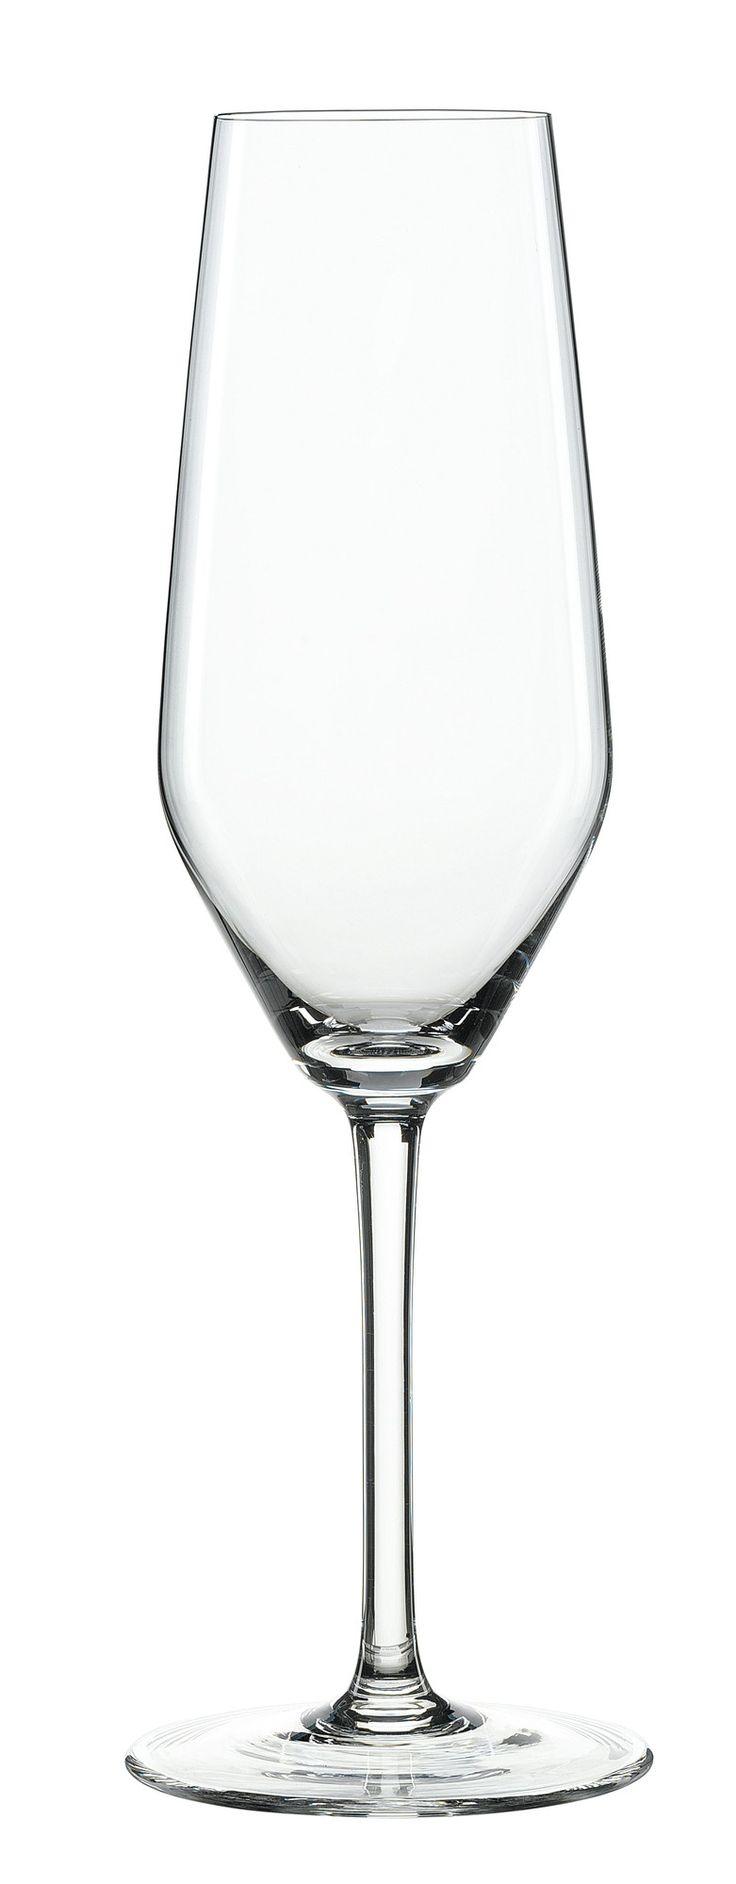 Spiegelau Sparkling Wine Glass